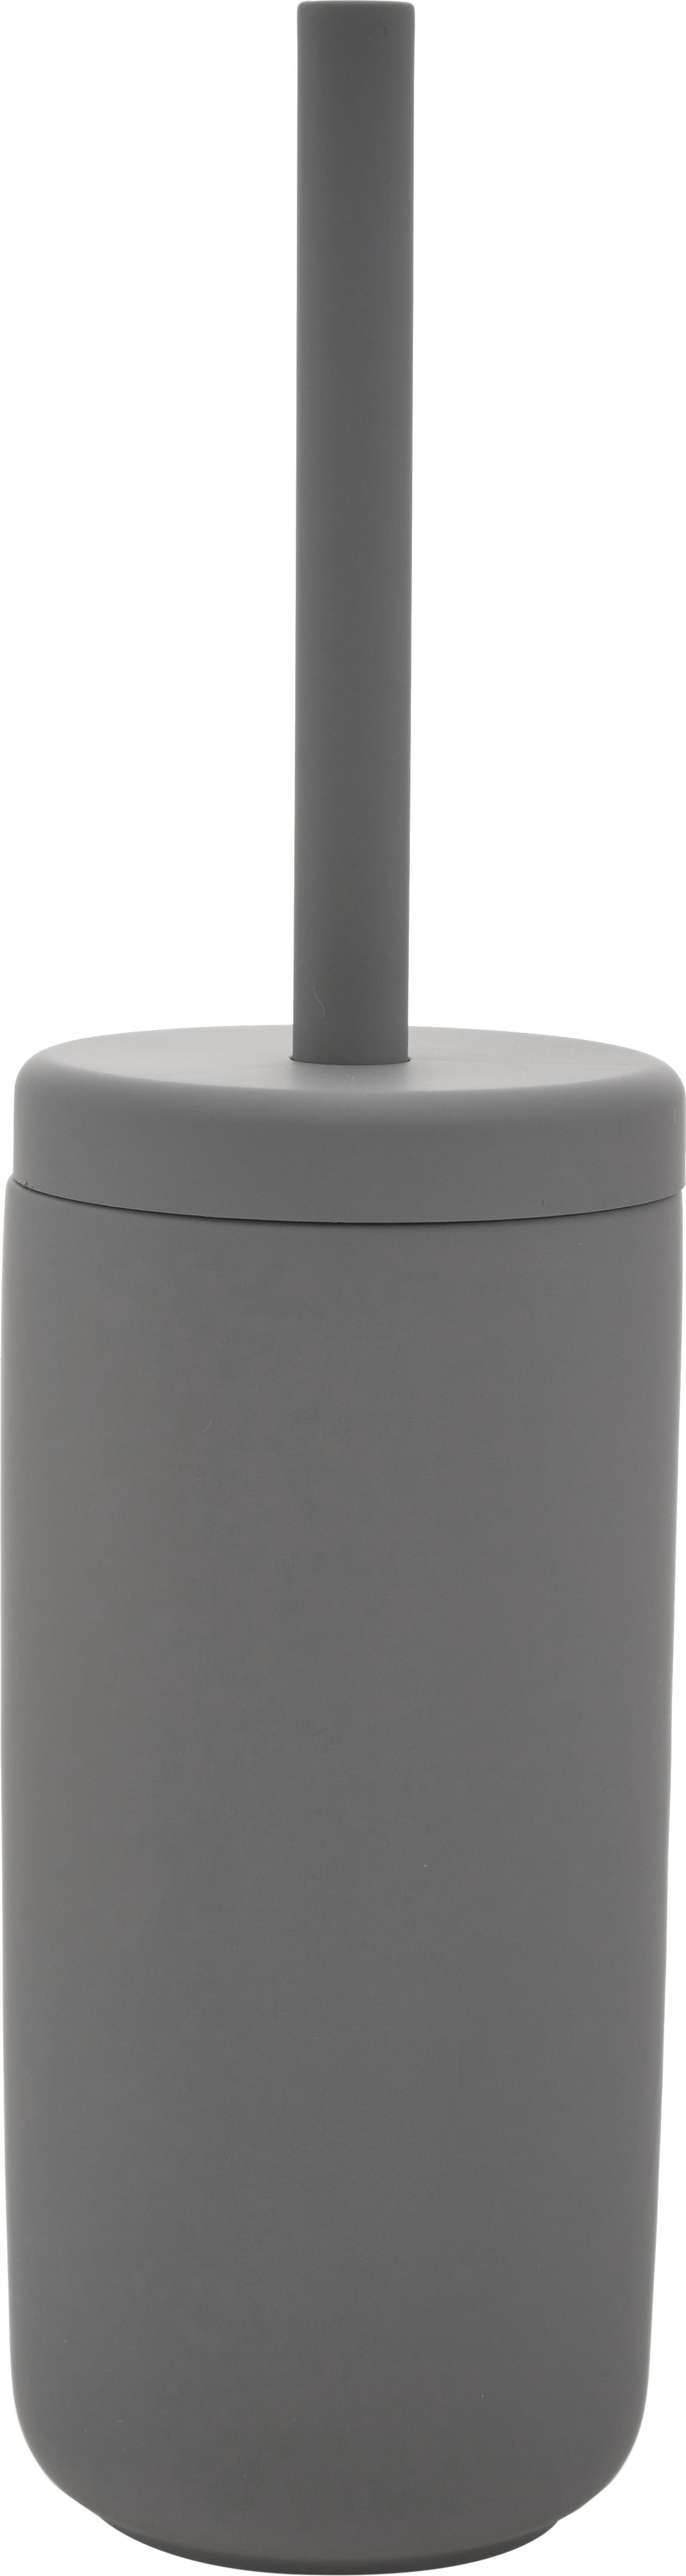 Escobilla de baño Ume, Recipiente: gres revestido con superf, Gris, Ø 10 x Al 39 cm